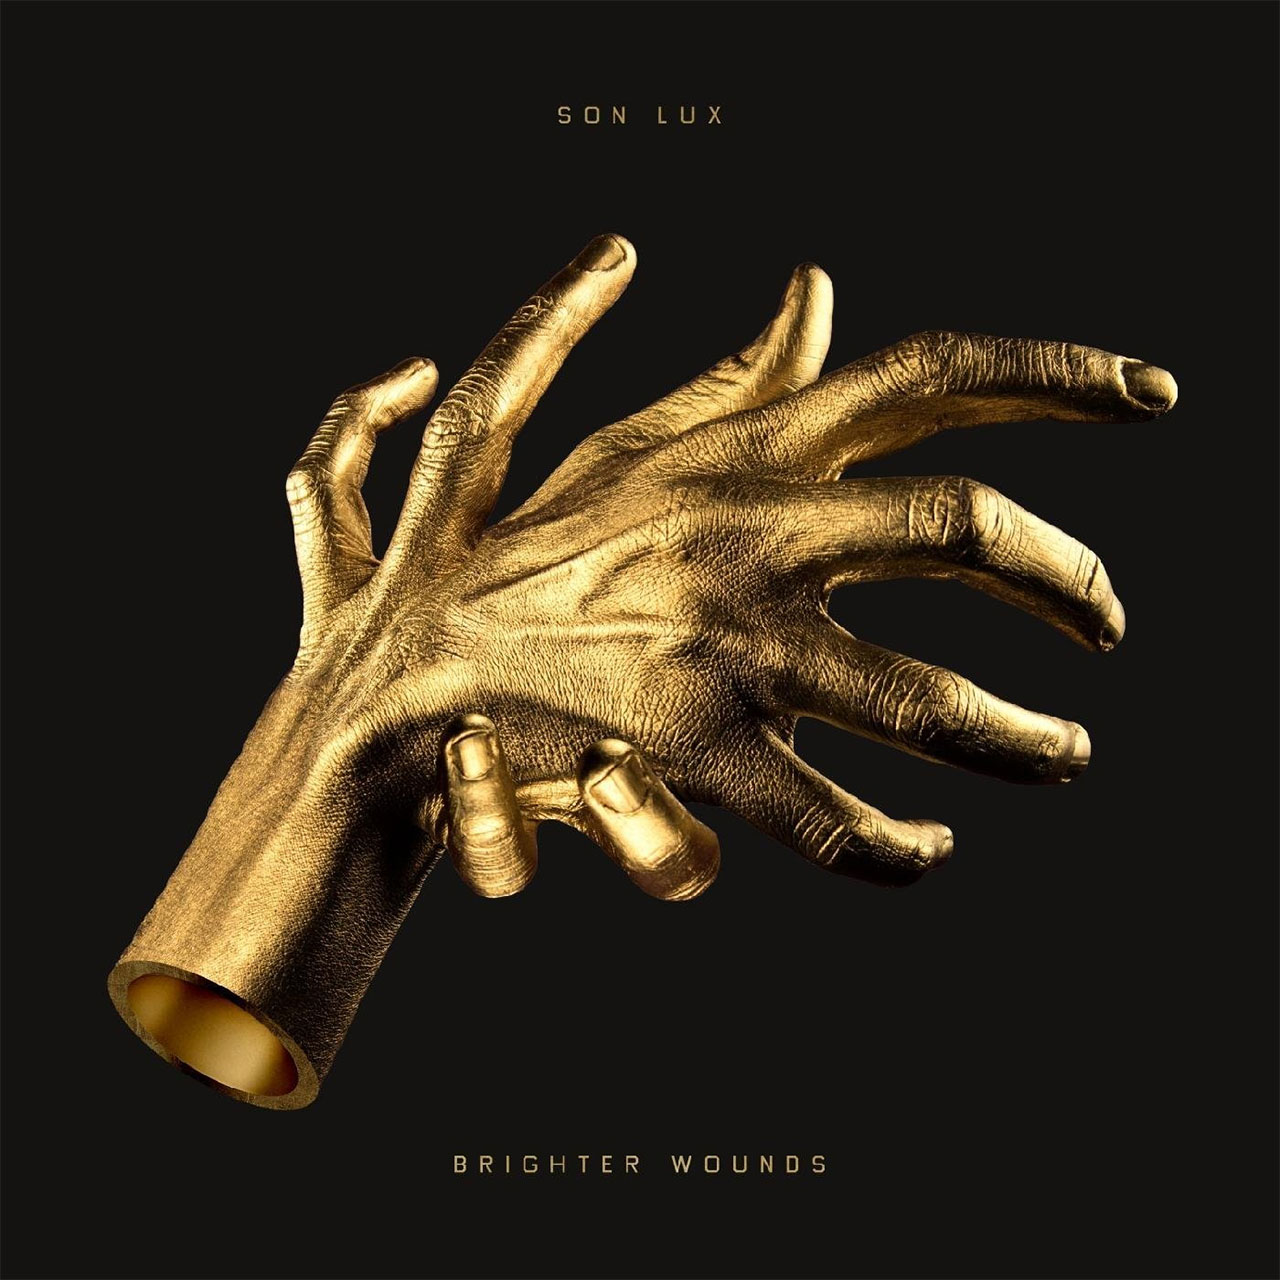 Albumcover mit vergoldeten Händen